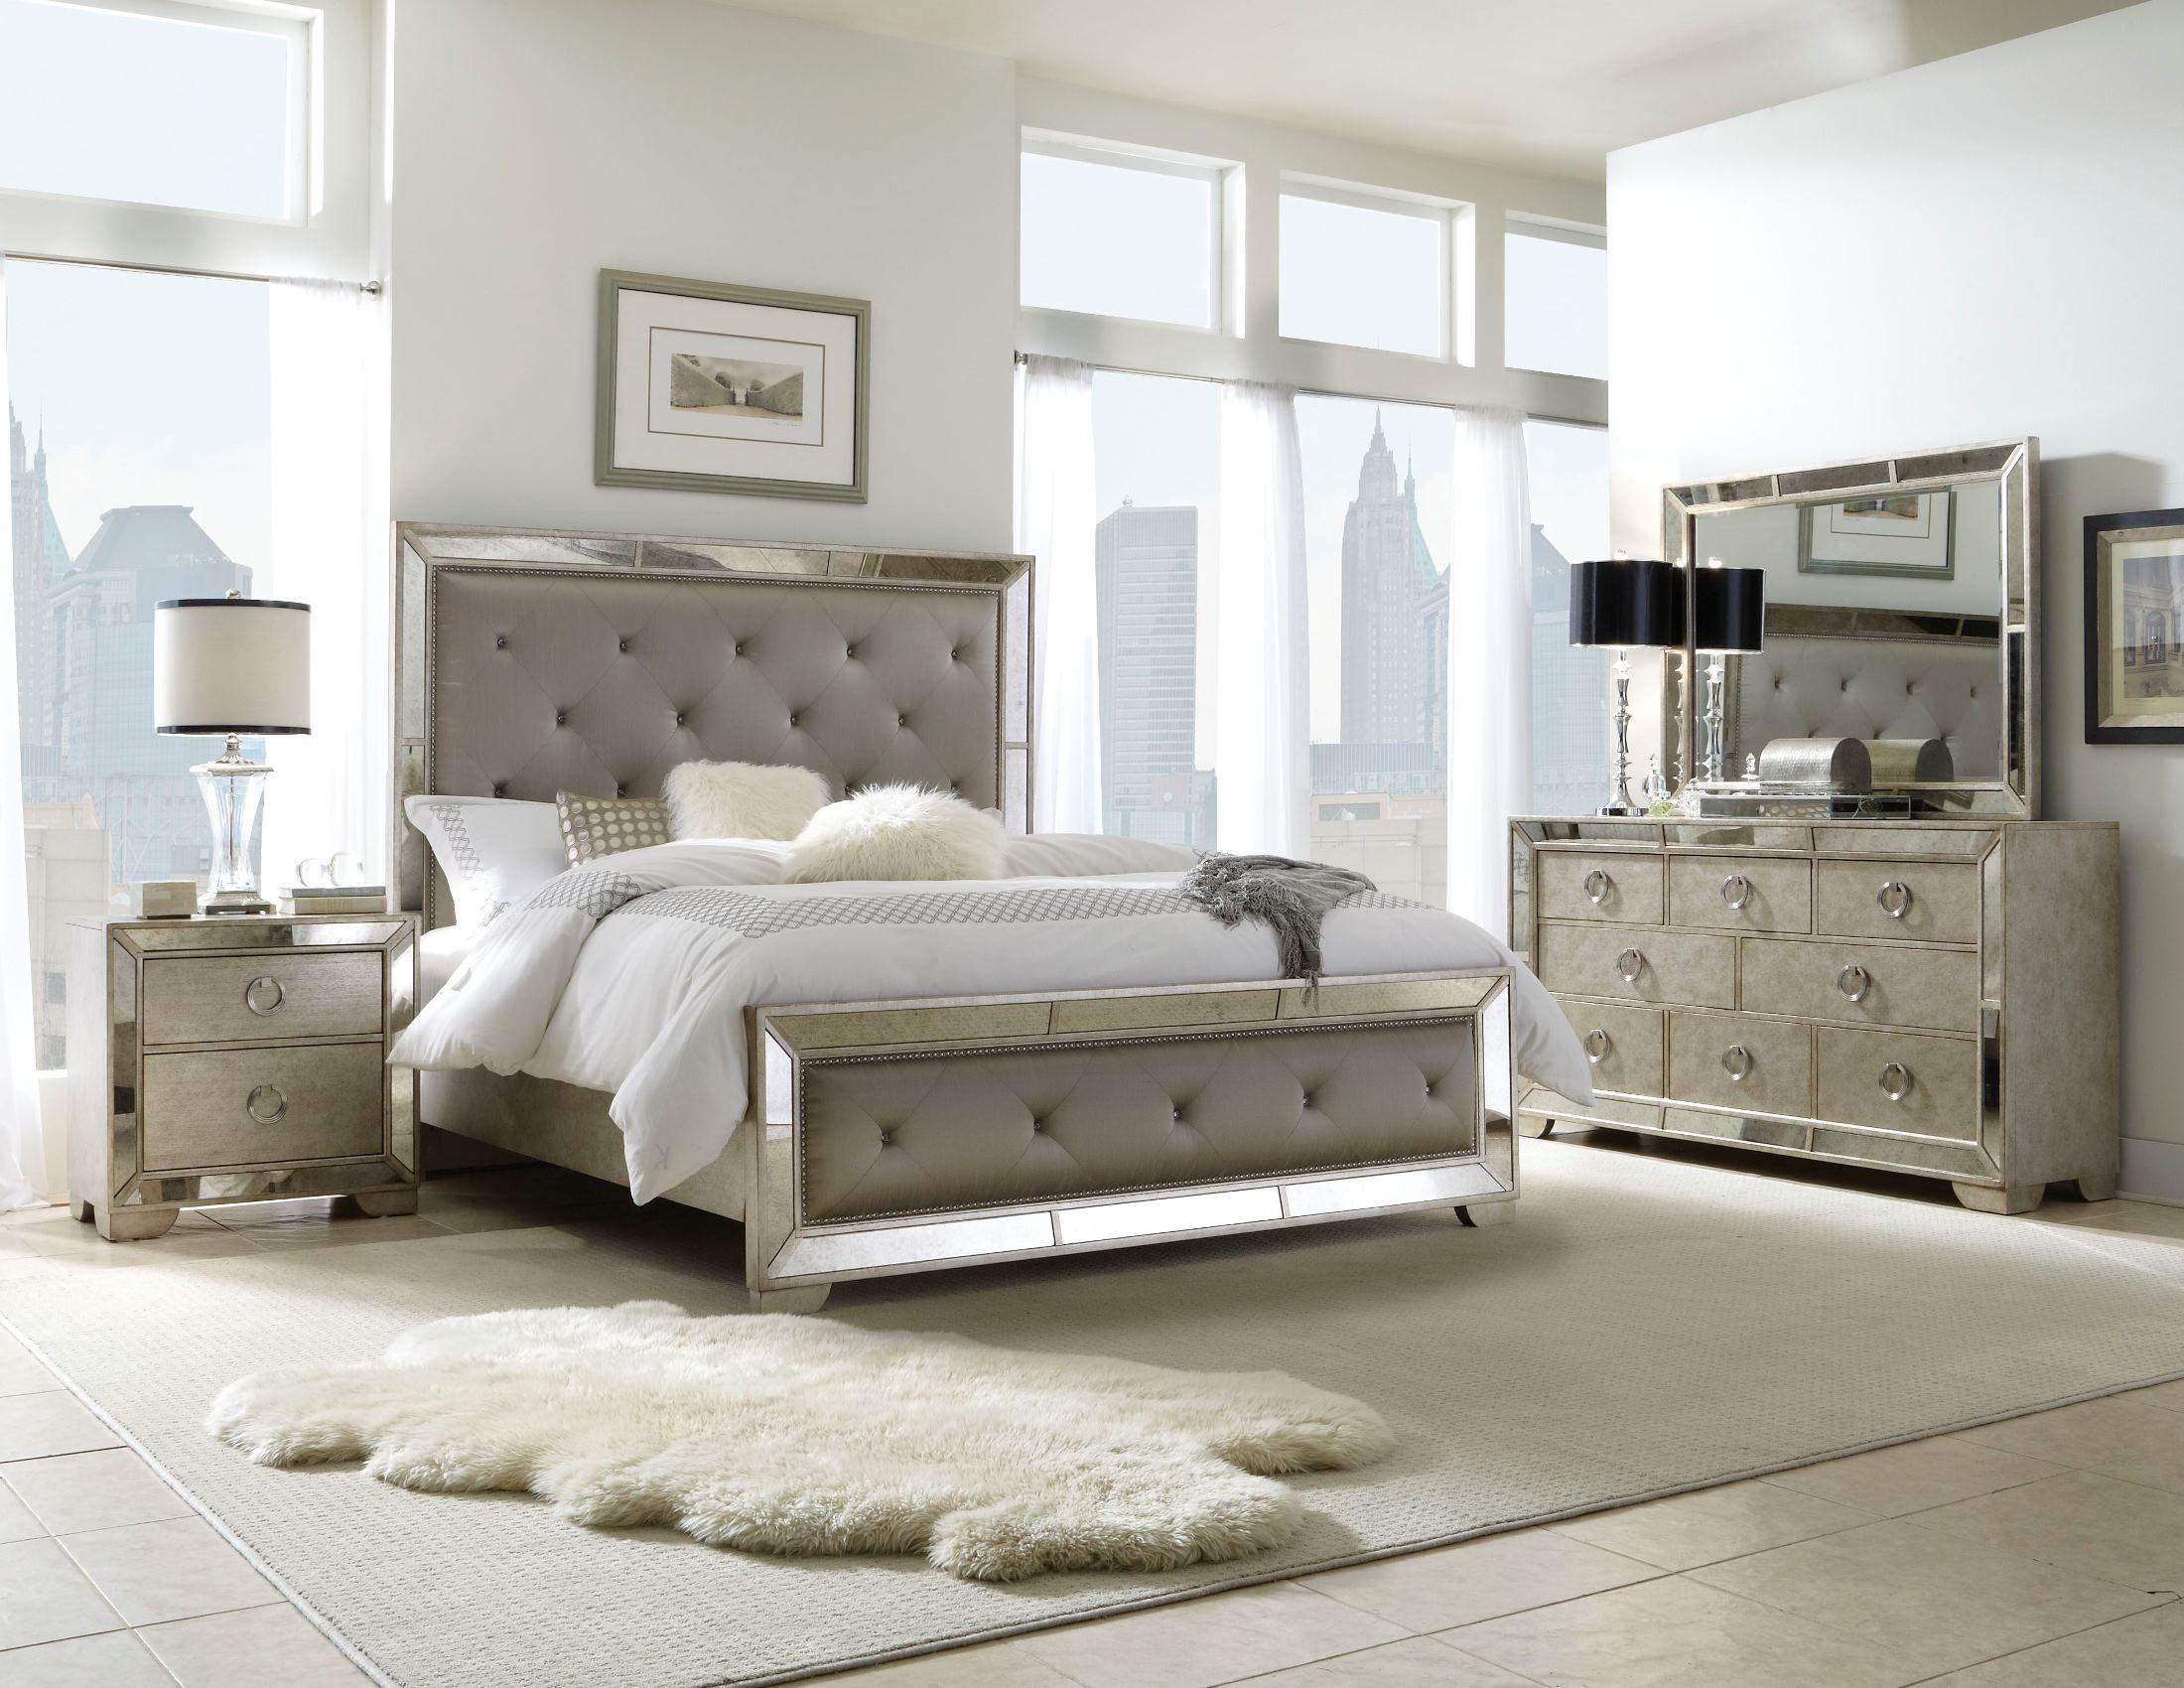 Platform Bedroom Furniture Sets Farrah Platform Bedroom Set From Pulaski 395170 395171 395172